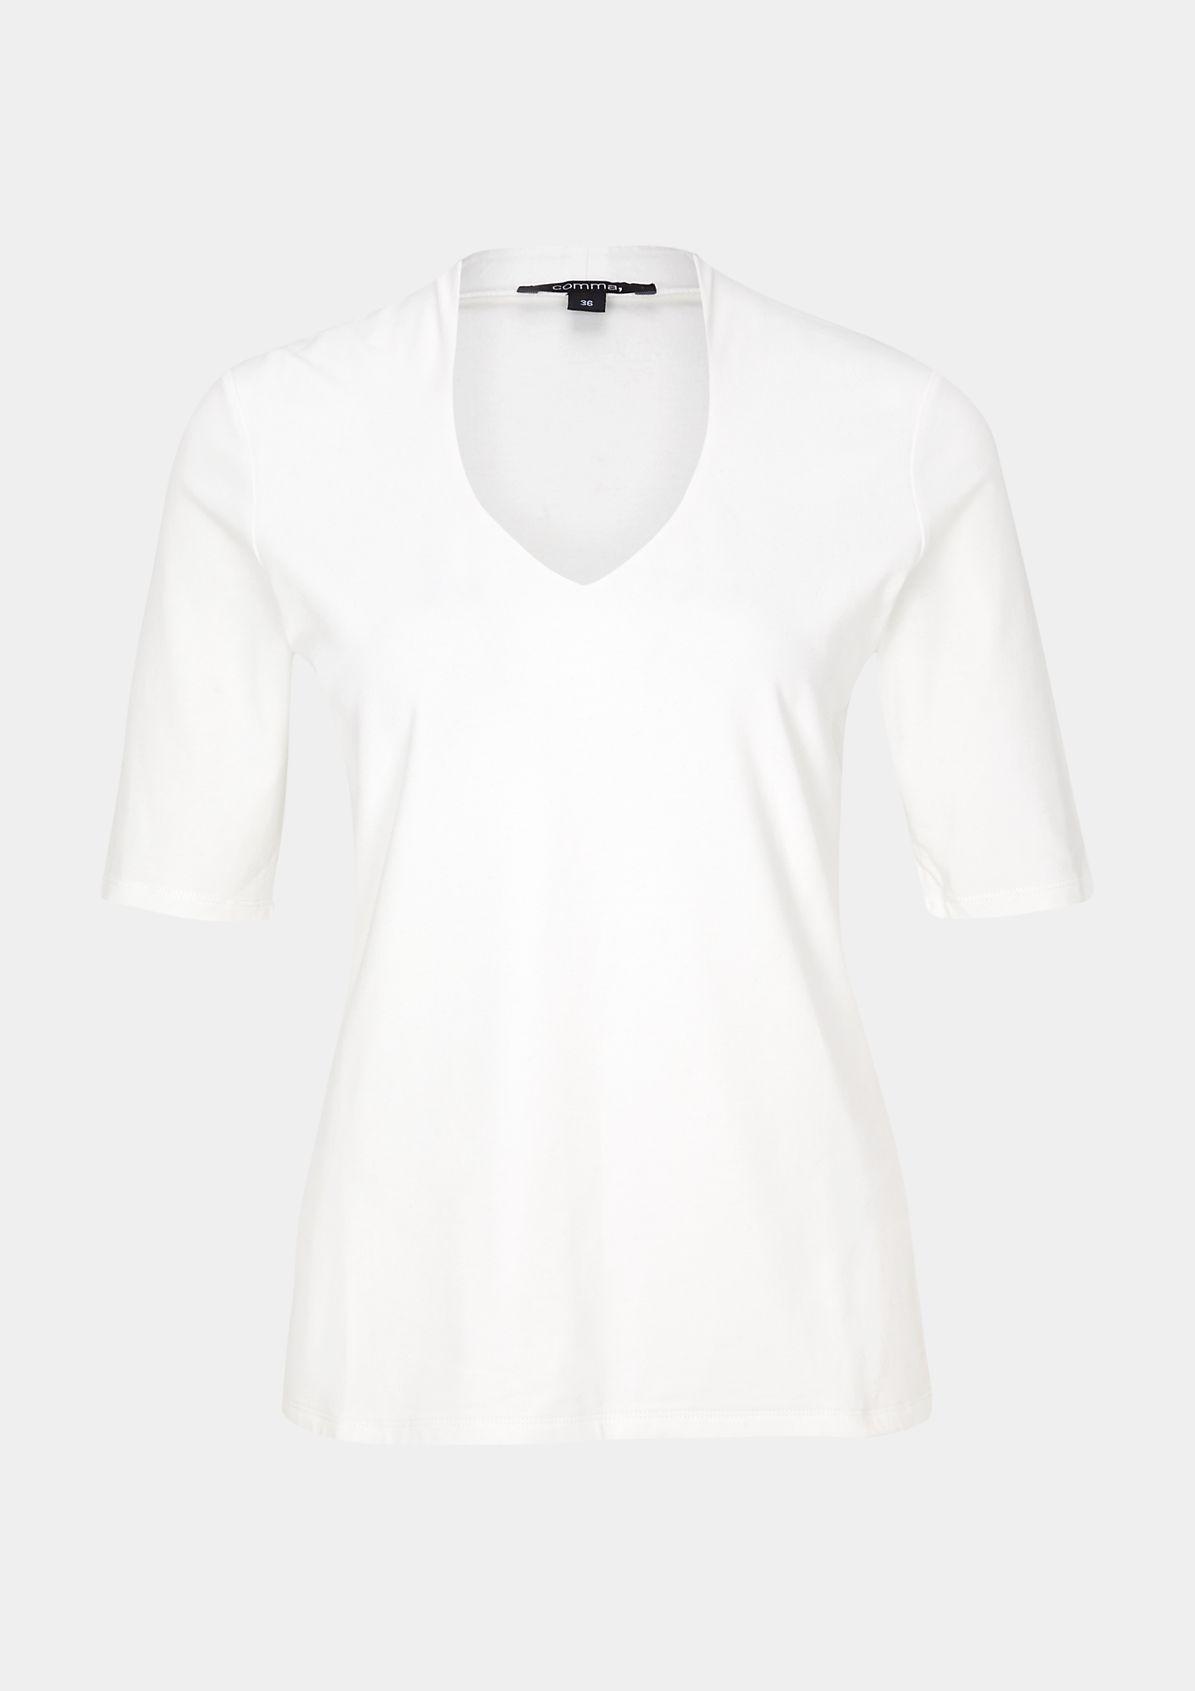 Sommerliches Jerseyshirt mit raffinierten Detailarbeiten